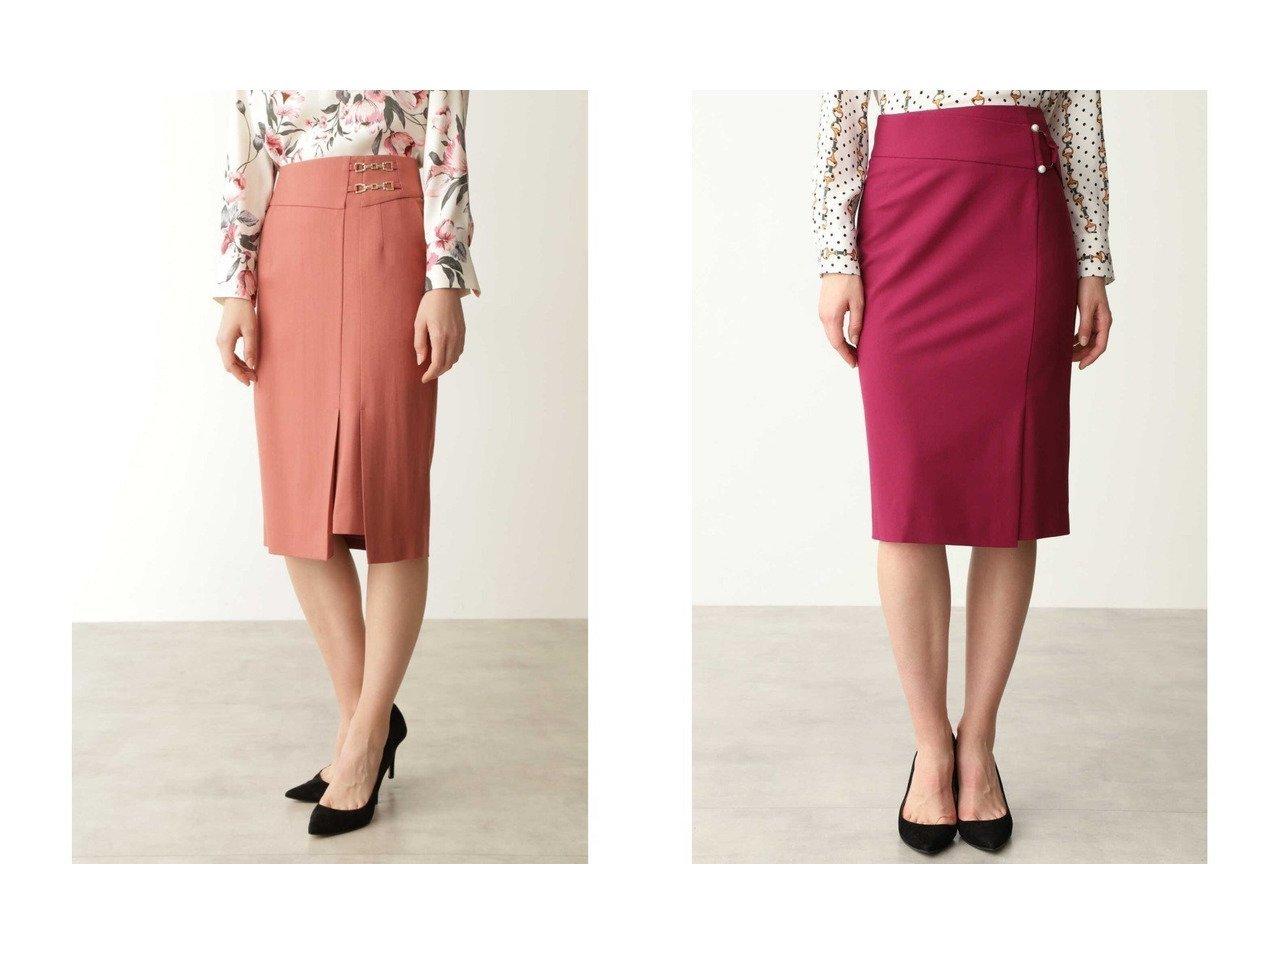 【Pinky&Dianne/ピンキーアンドダイアン】のダブルビットラップ風スカート&パールバックルタイトスカート スカートのおすすめ!人気、トレンド・レディースファッションの通販  おすすめで人気の流行・トレンド、ファッションの通販商品 メンズファッション・キッズファッション・インテリア・家具・レディースファッション・服の通販 founy(ファニー) https://founy.com/ ファッション Fashion レディースファッション WOMEN スカート Skirt バッグ Bag ストレッチ パール エレガント ラップ |ID:crp329100000009686